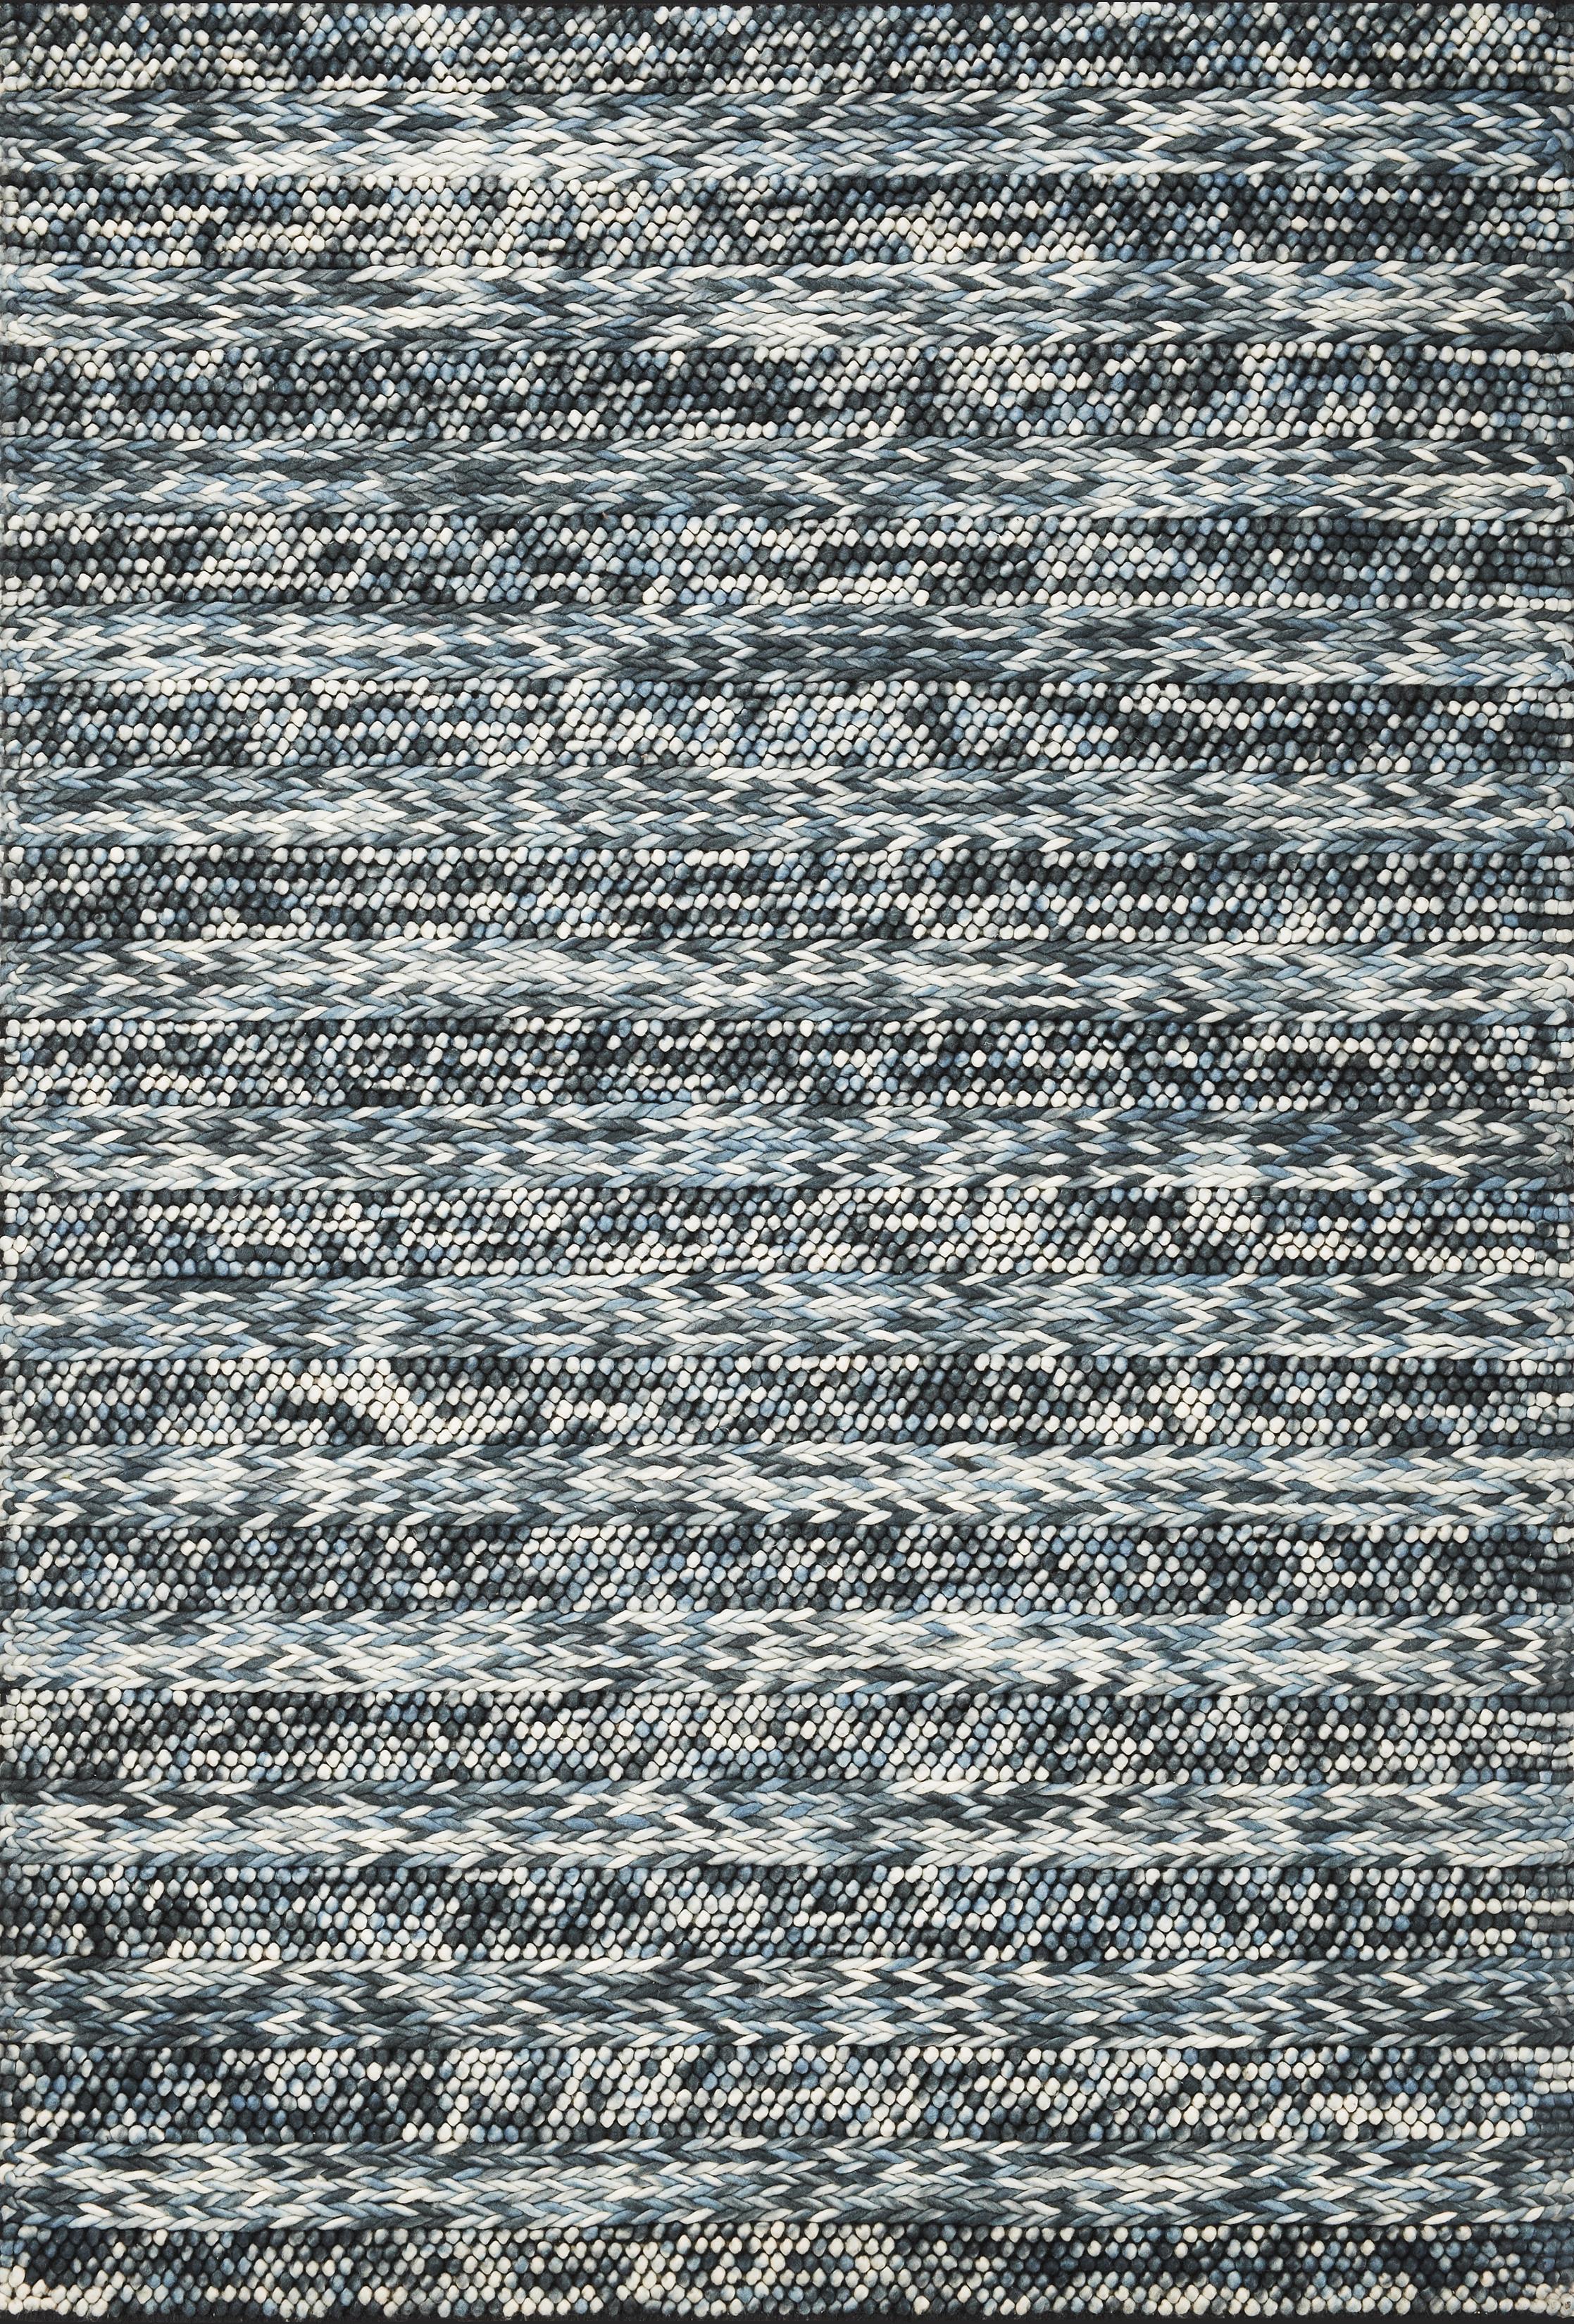 Kas Cortico 5' x 7' Rug - Item Number: COT61565X7